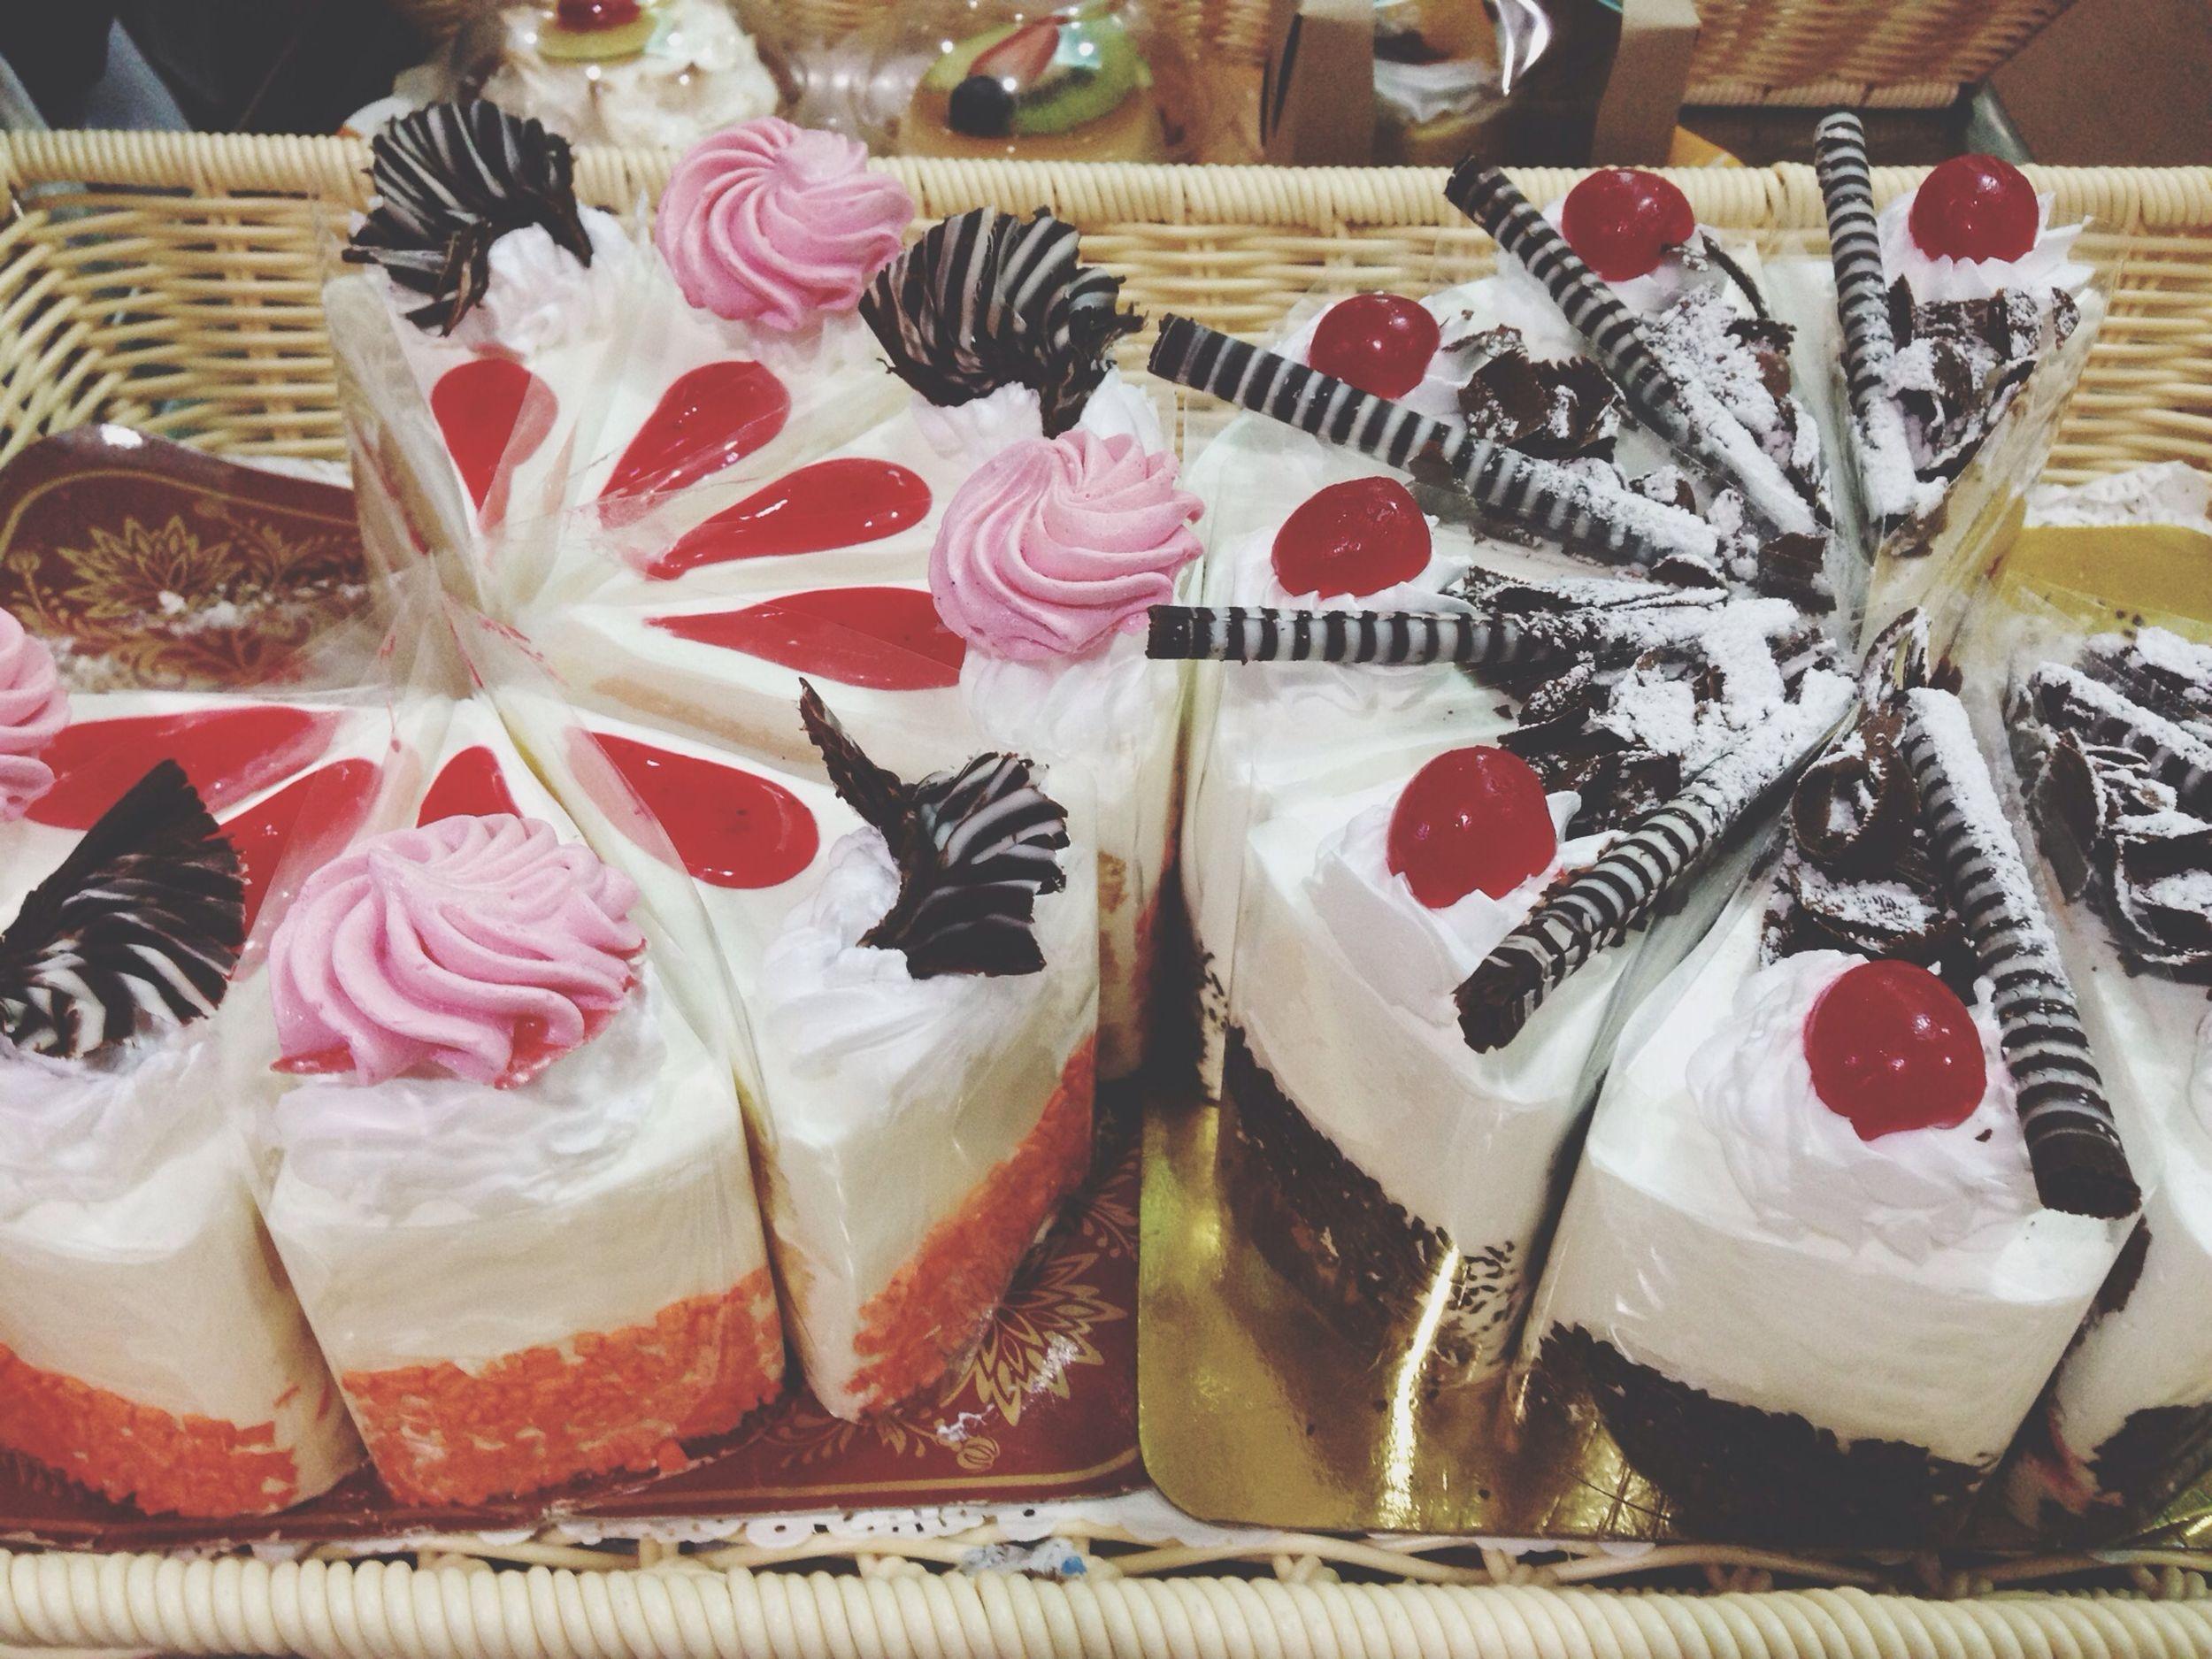 """Dessert """" มีของว่าง มายั่ว อีกแระ ตลอดๆๆ เบย """""""